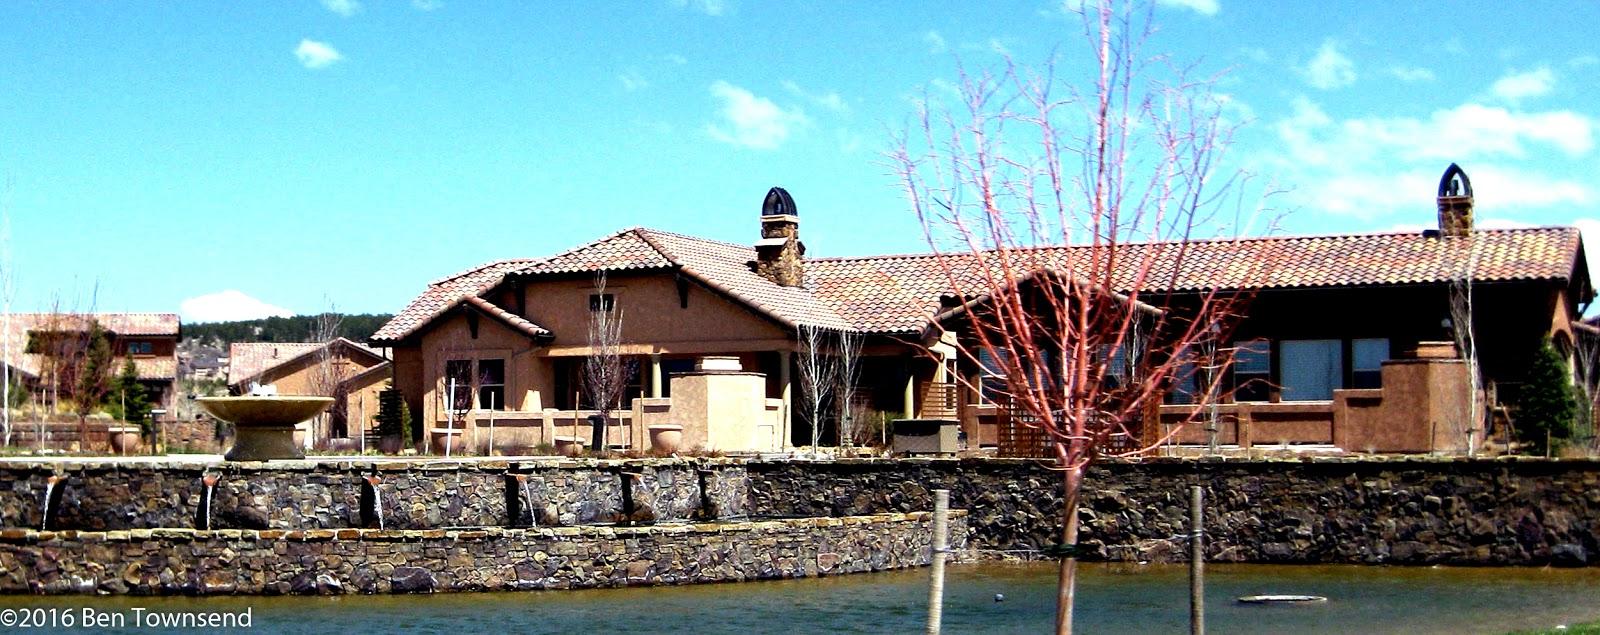 colorado springs real estate ben townsend 719 330 8484